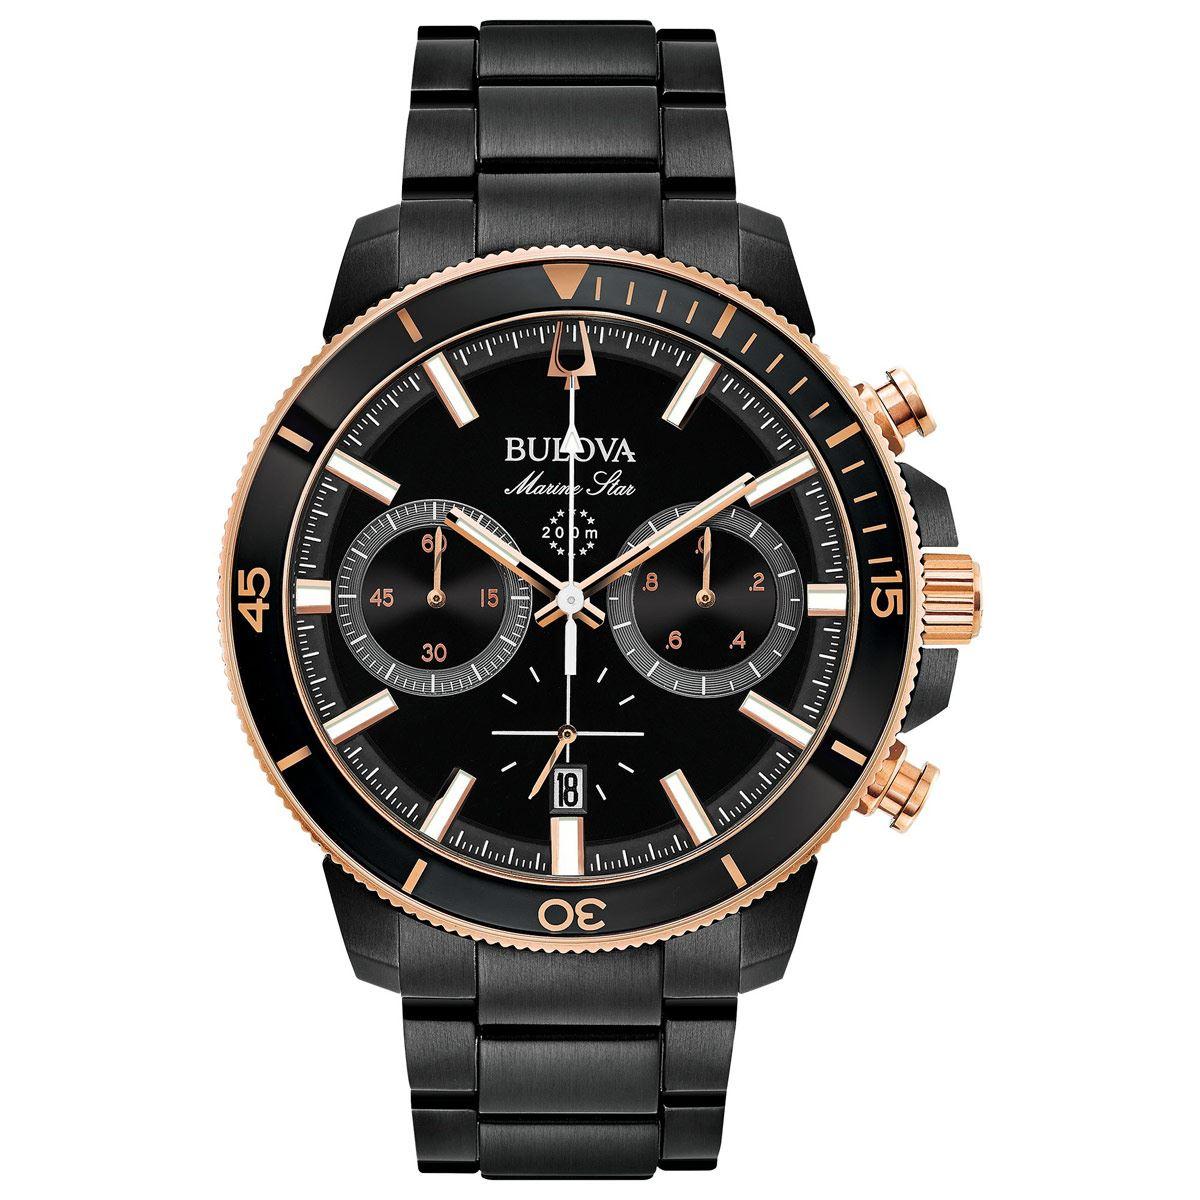 Reloj bulova caballero 98b302  - Sanborns